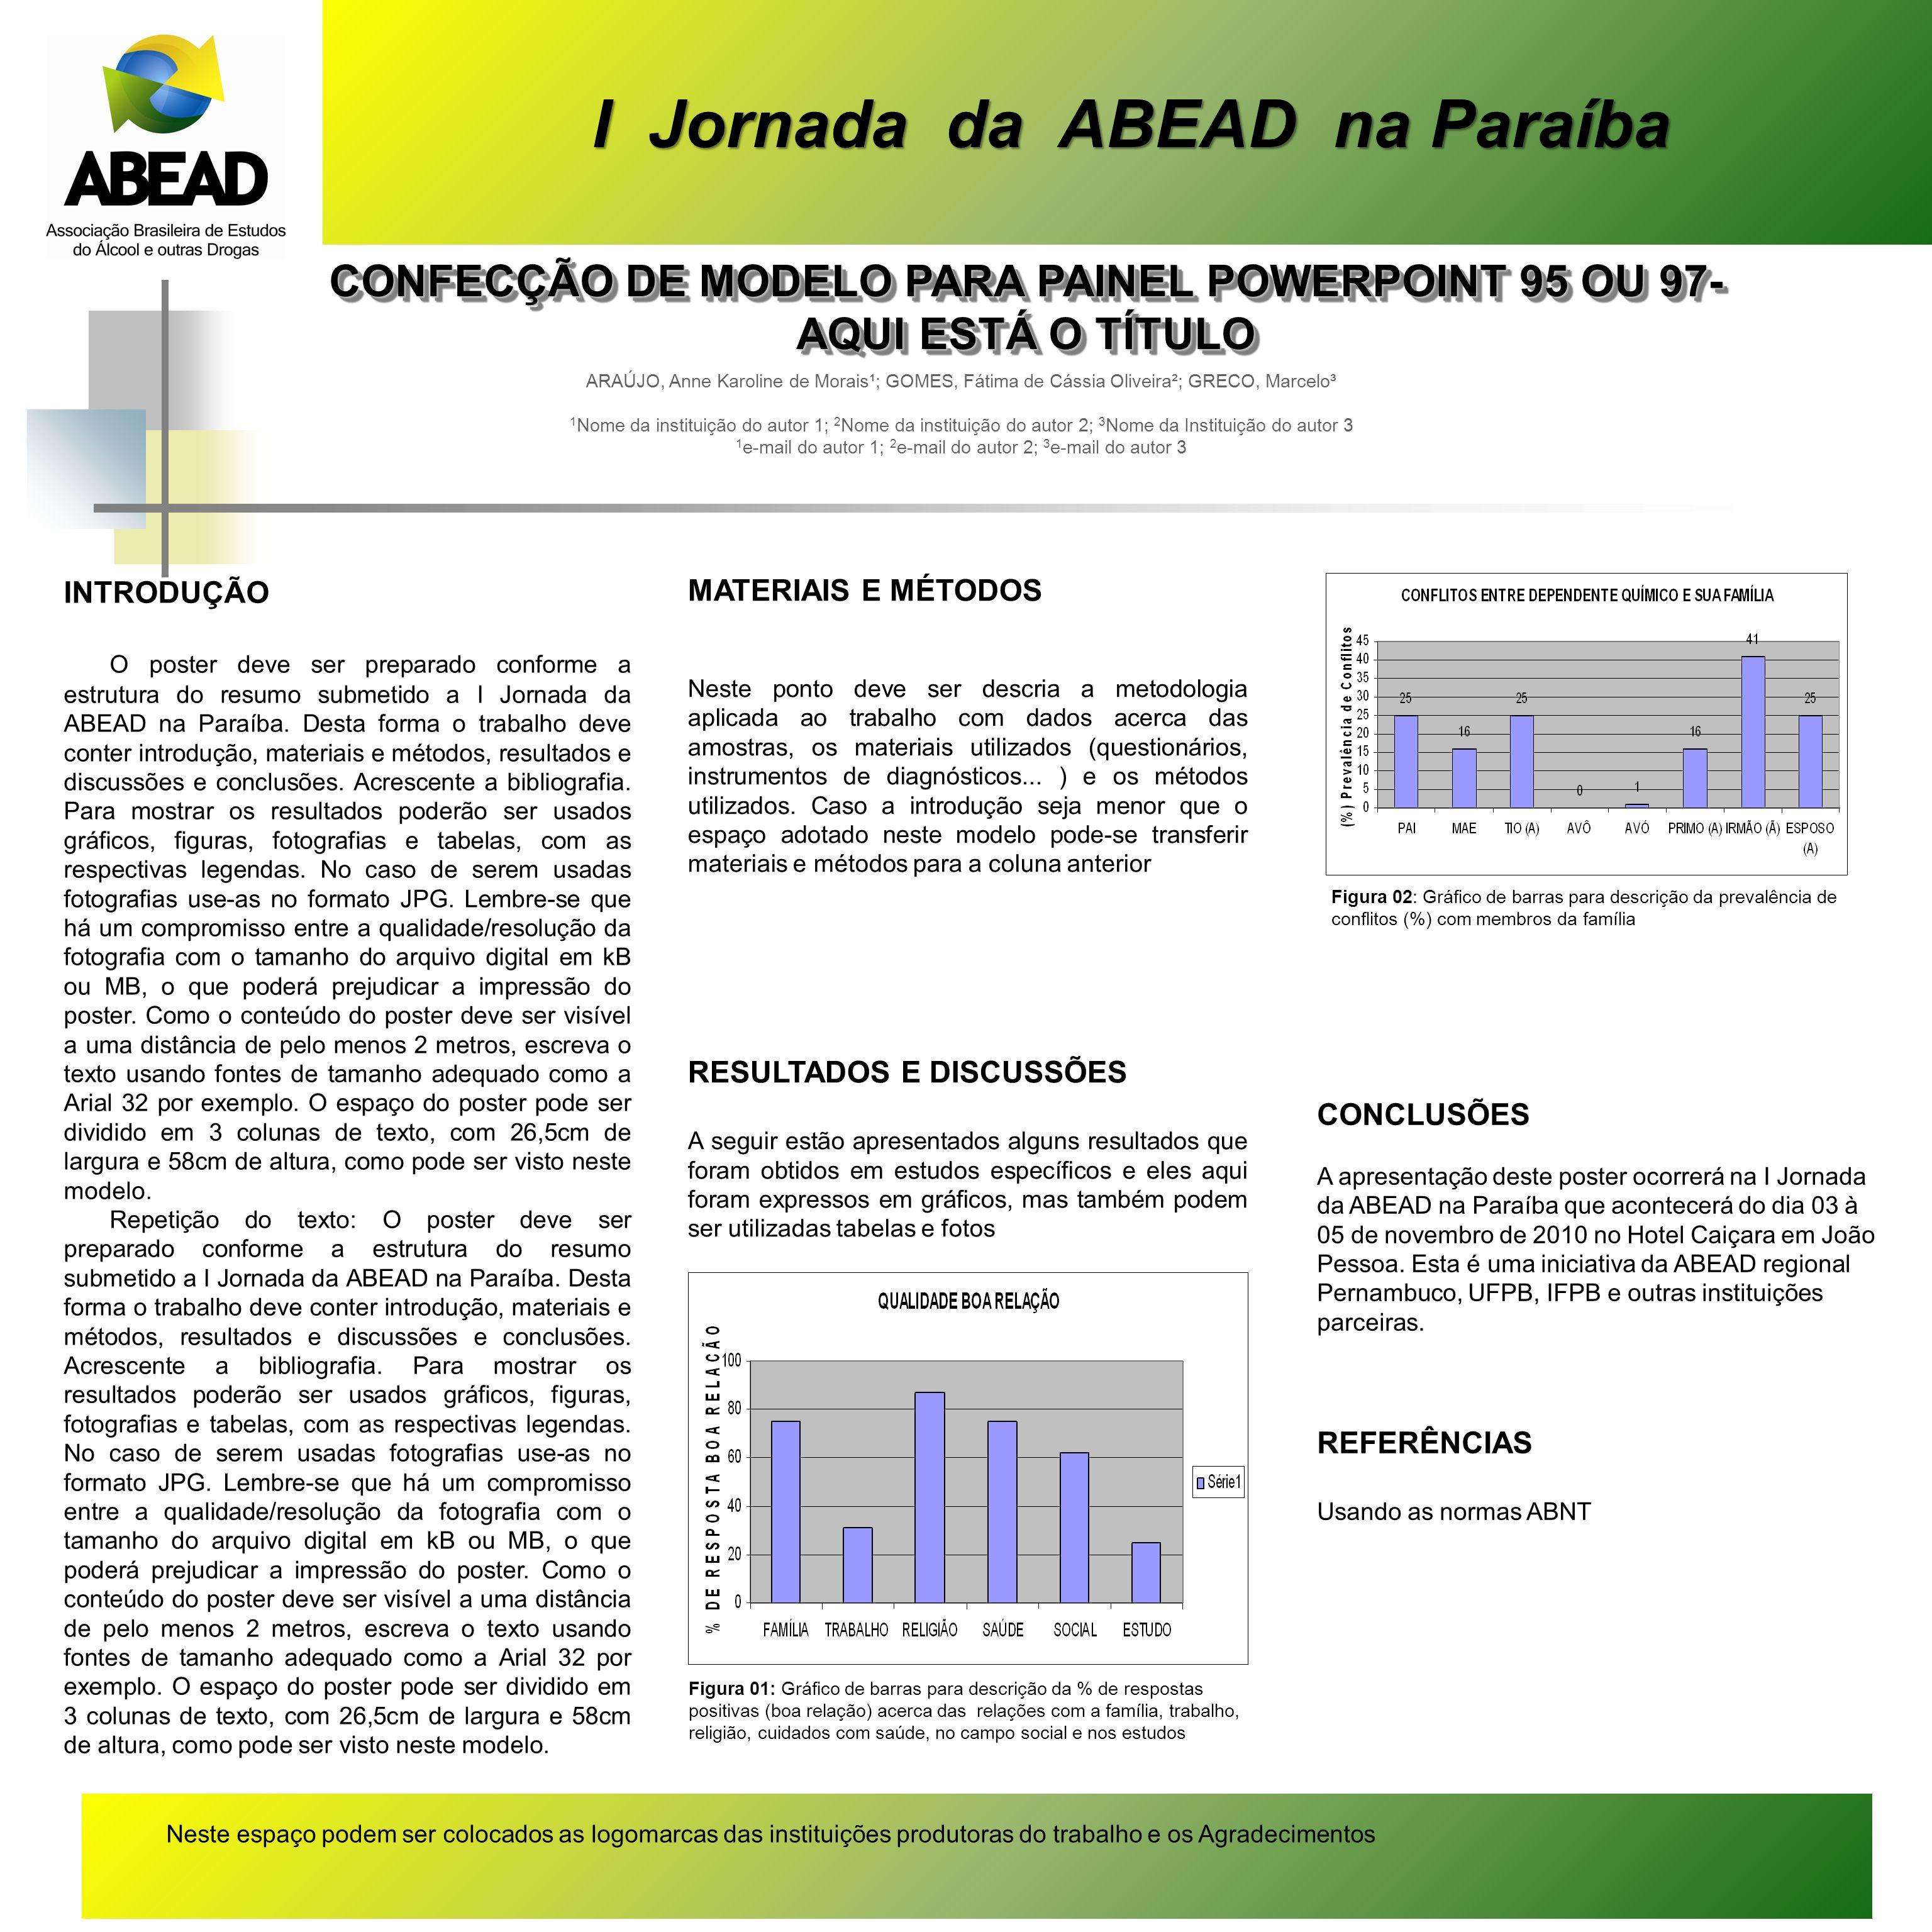 CONCLUSÕES A apresentação deste poster ocorrerá na I Jornada da ABEAD na Paraíba que acontecerá do dia 03 à 05 de novembro de 2010 no Hotel Caiçara em João Pessoa.